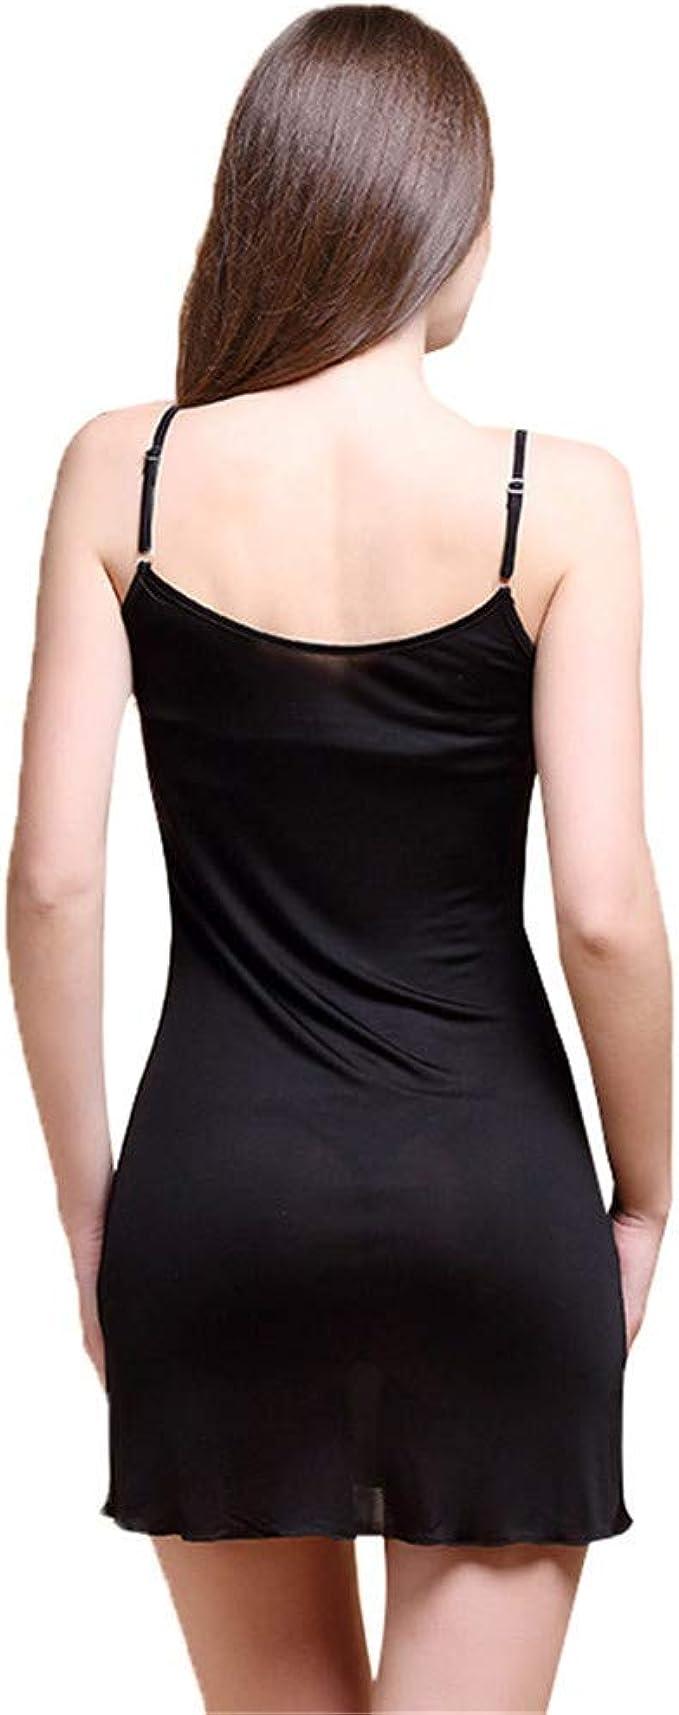 Idealady Damen 100/% Seide Unterkleid /Ärmellos Slim Nachthemd Nachtw/äsche